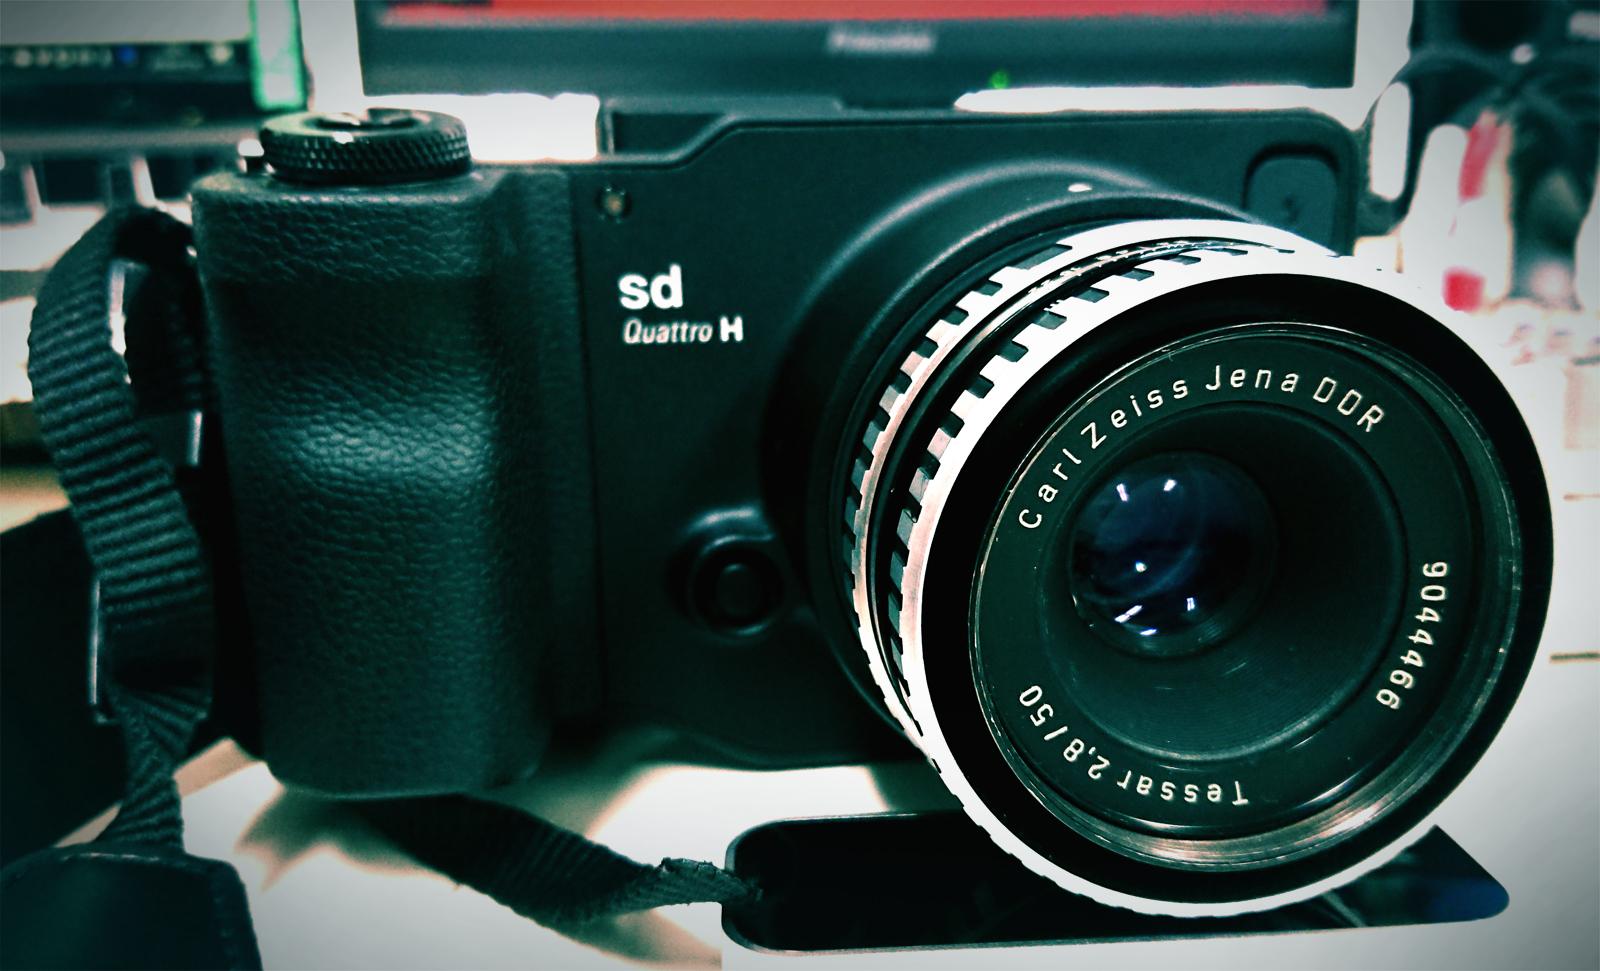 sd Quattro H + Tessar50mmF2.8